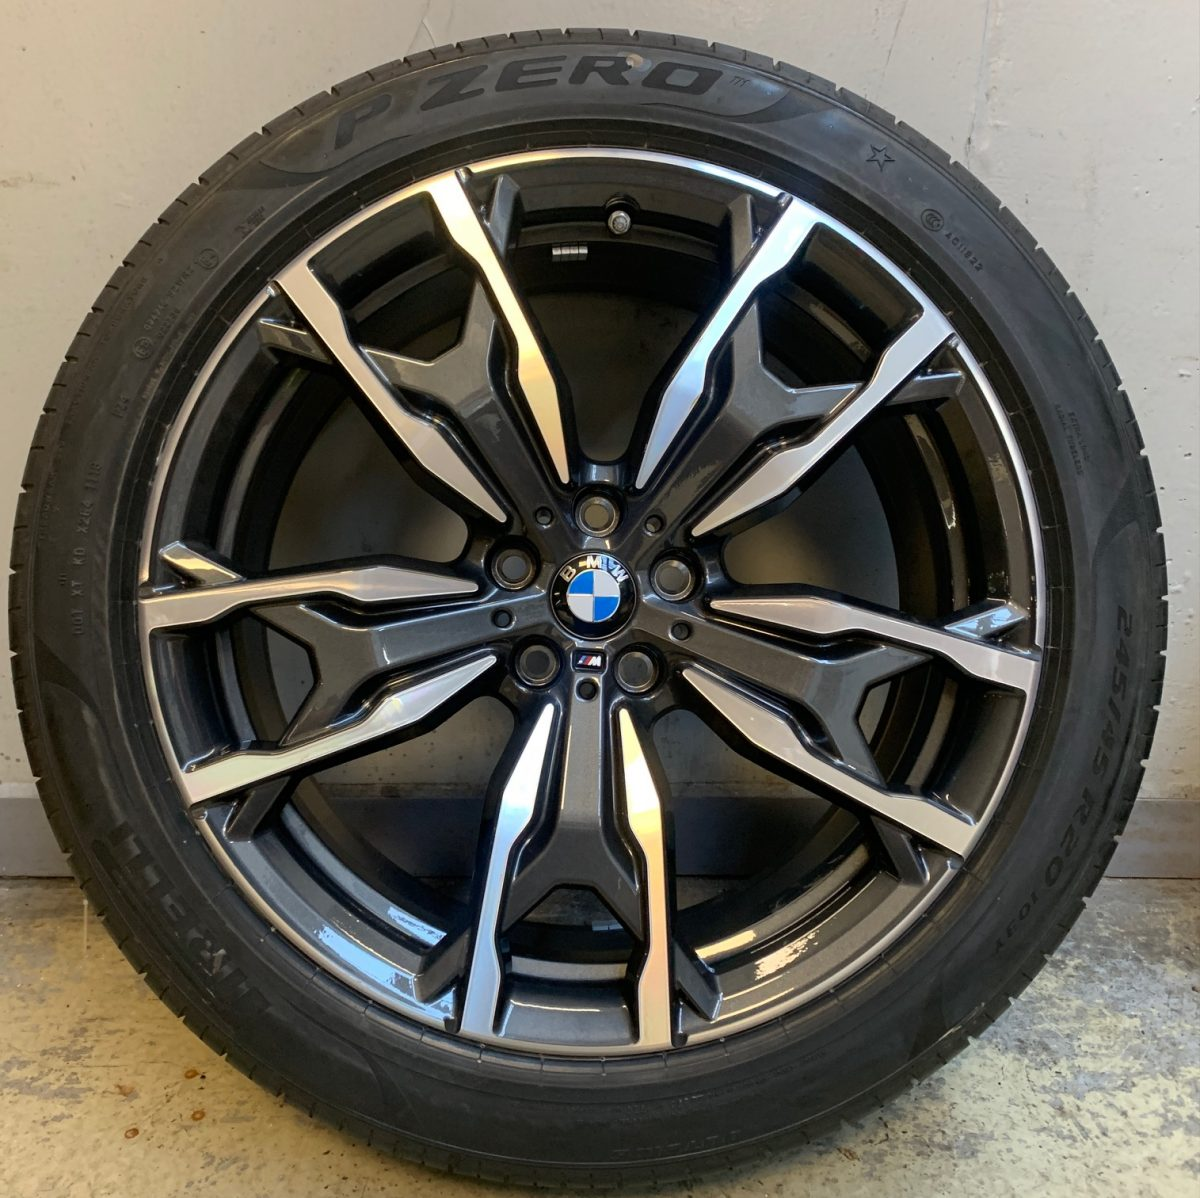 Gyári alufelni BMW X3-X4 G01-G02 (787M style) 5x112 új nyári garnitúra! Pirelli gumikkal,nyomásszenzorral 1